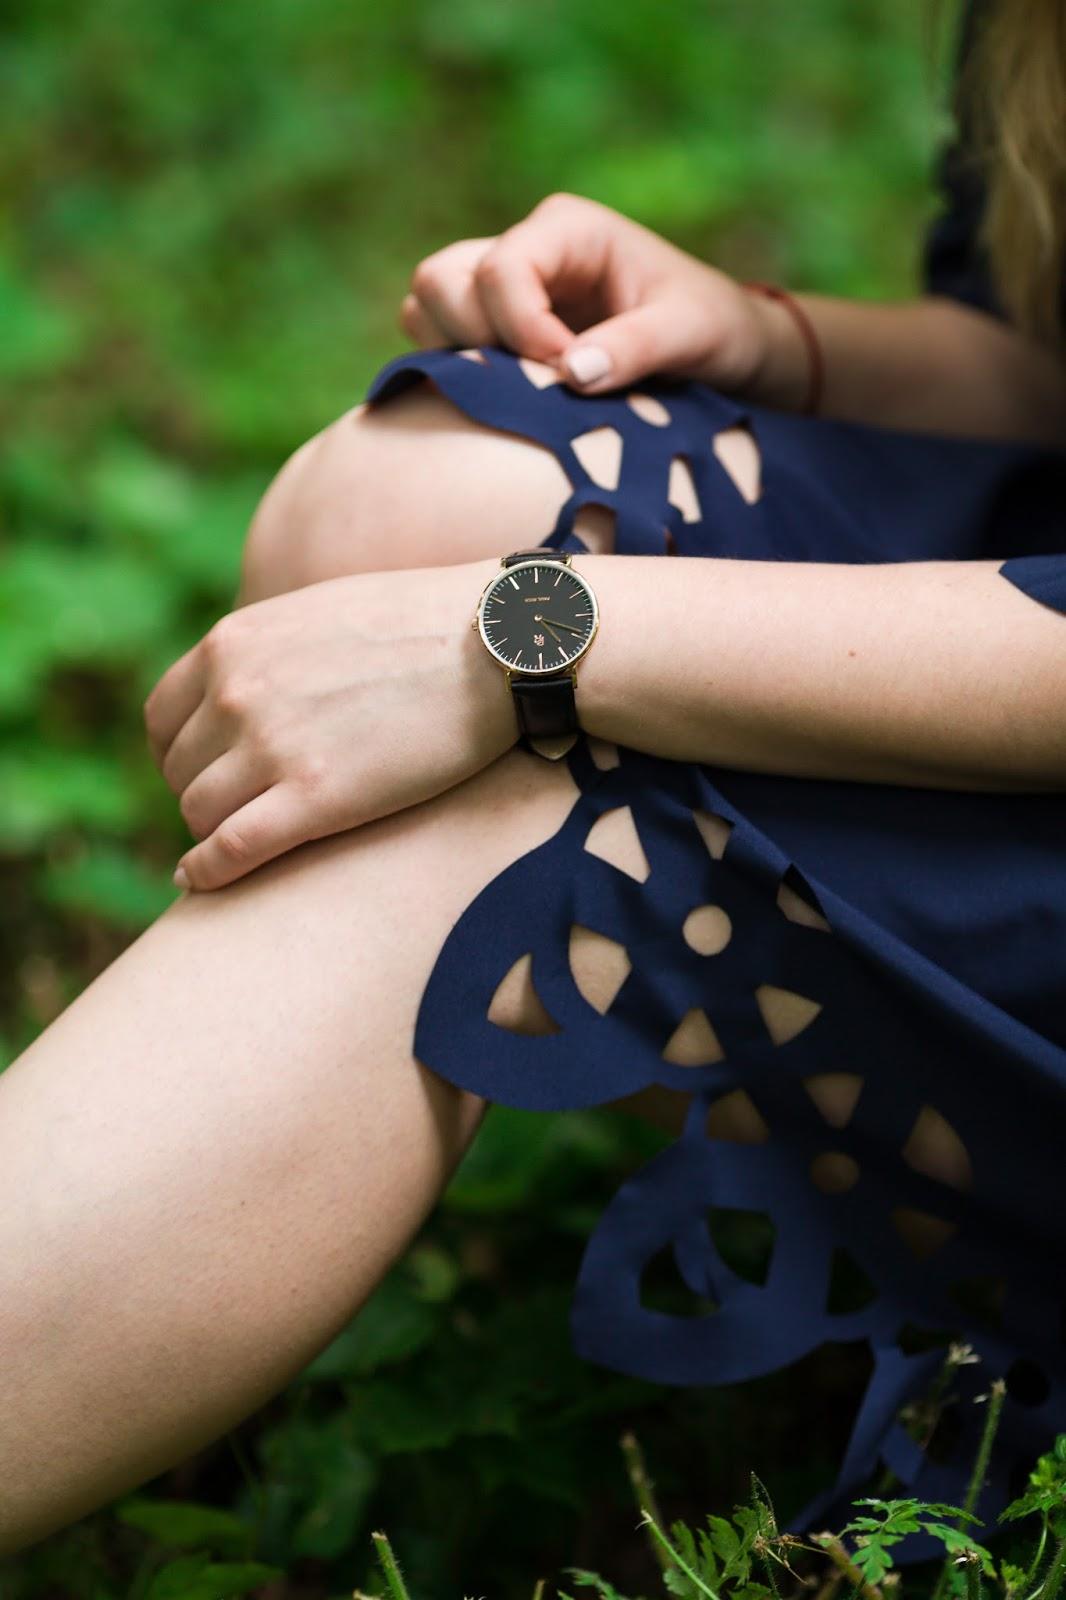 8 Off The Shoulder Flared Dress zaful paul rich watch hat sukienka zaful opinie recenzja buty łuków ażurowa hiszpanka granatowa baletki zegarek ootd lookbook fashionblogger blog modowy lifestyle